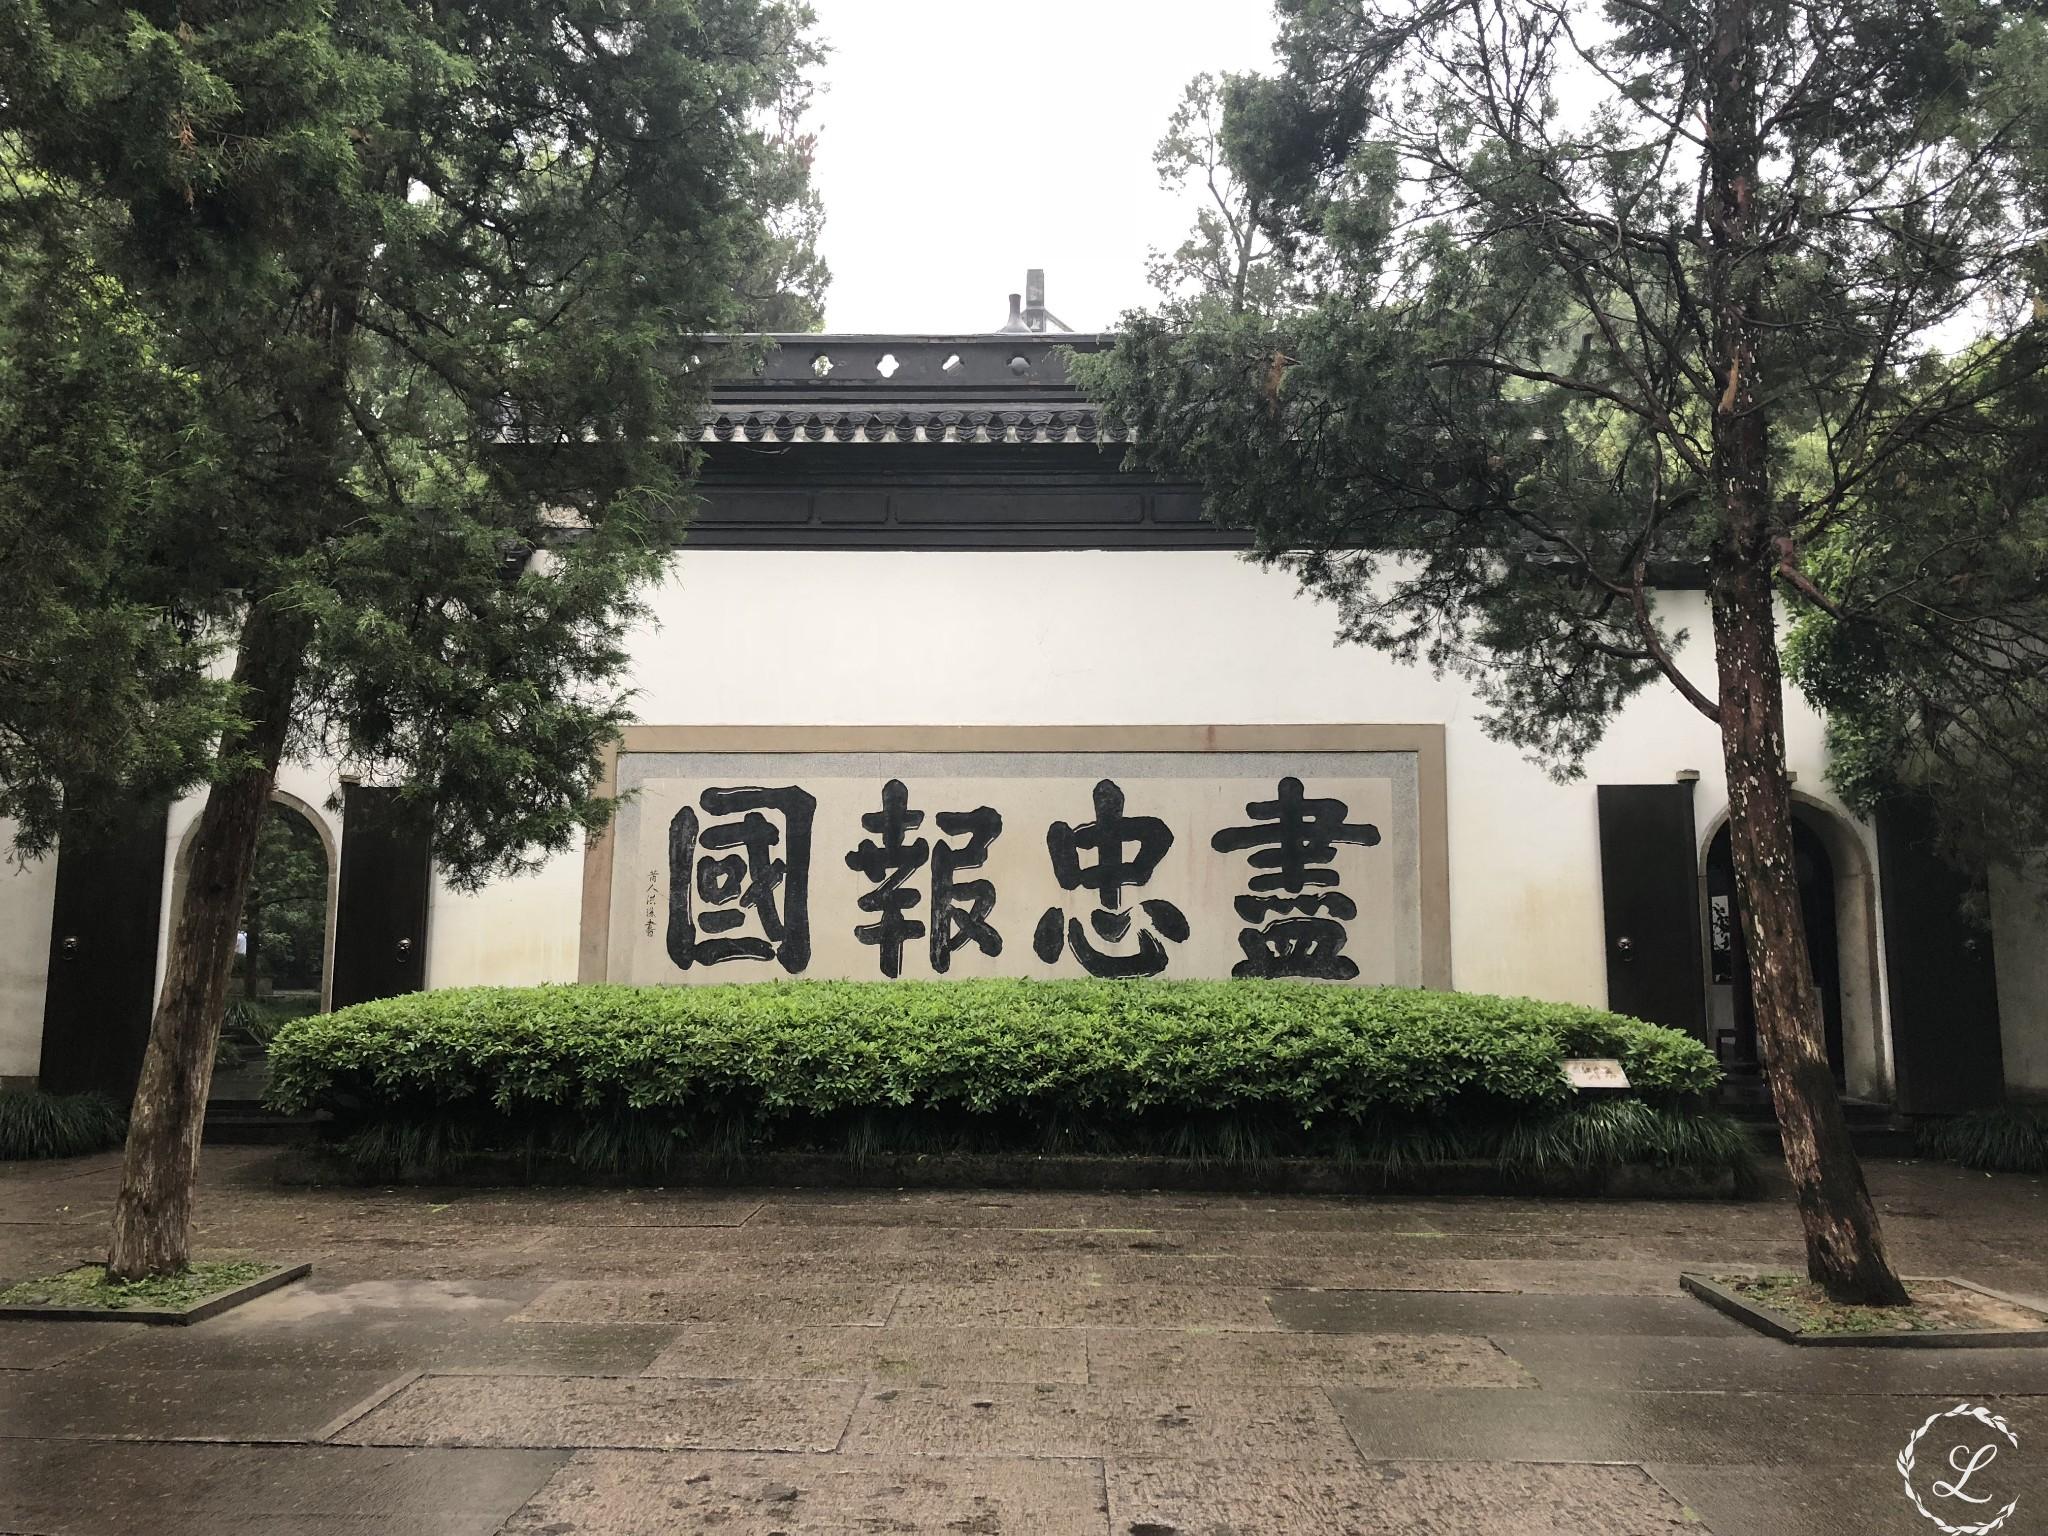 杭州岳王庙好玩吗,杭州岳王庙有什么好玩的地方,杭州岳王庙游玩攻略